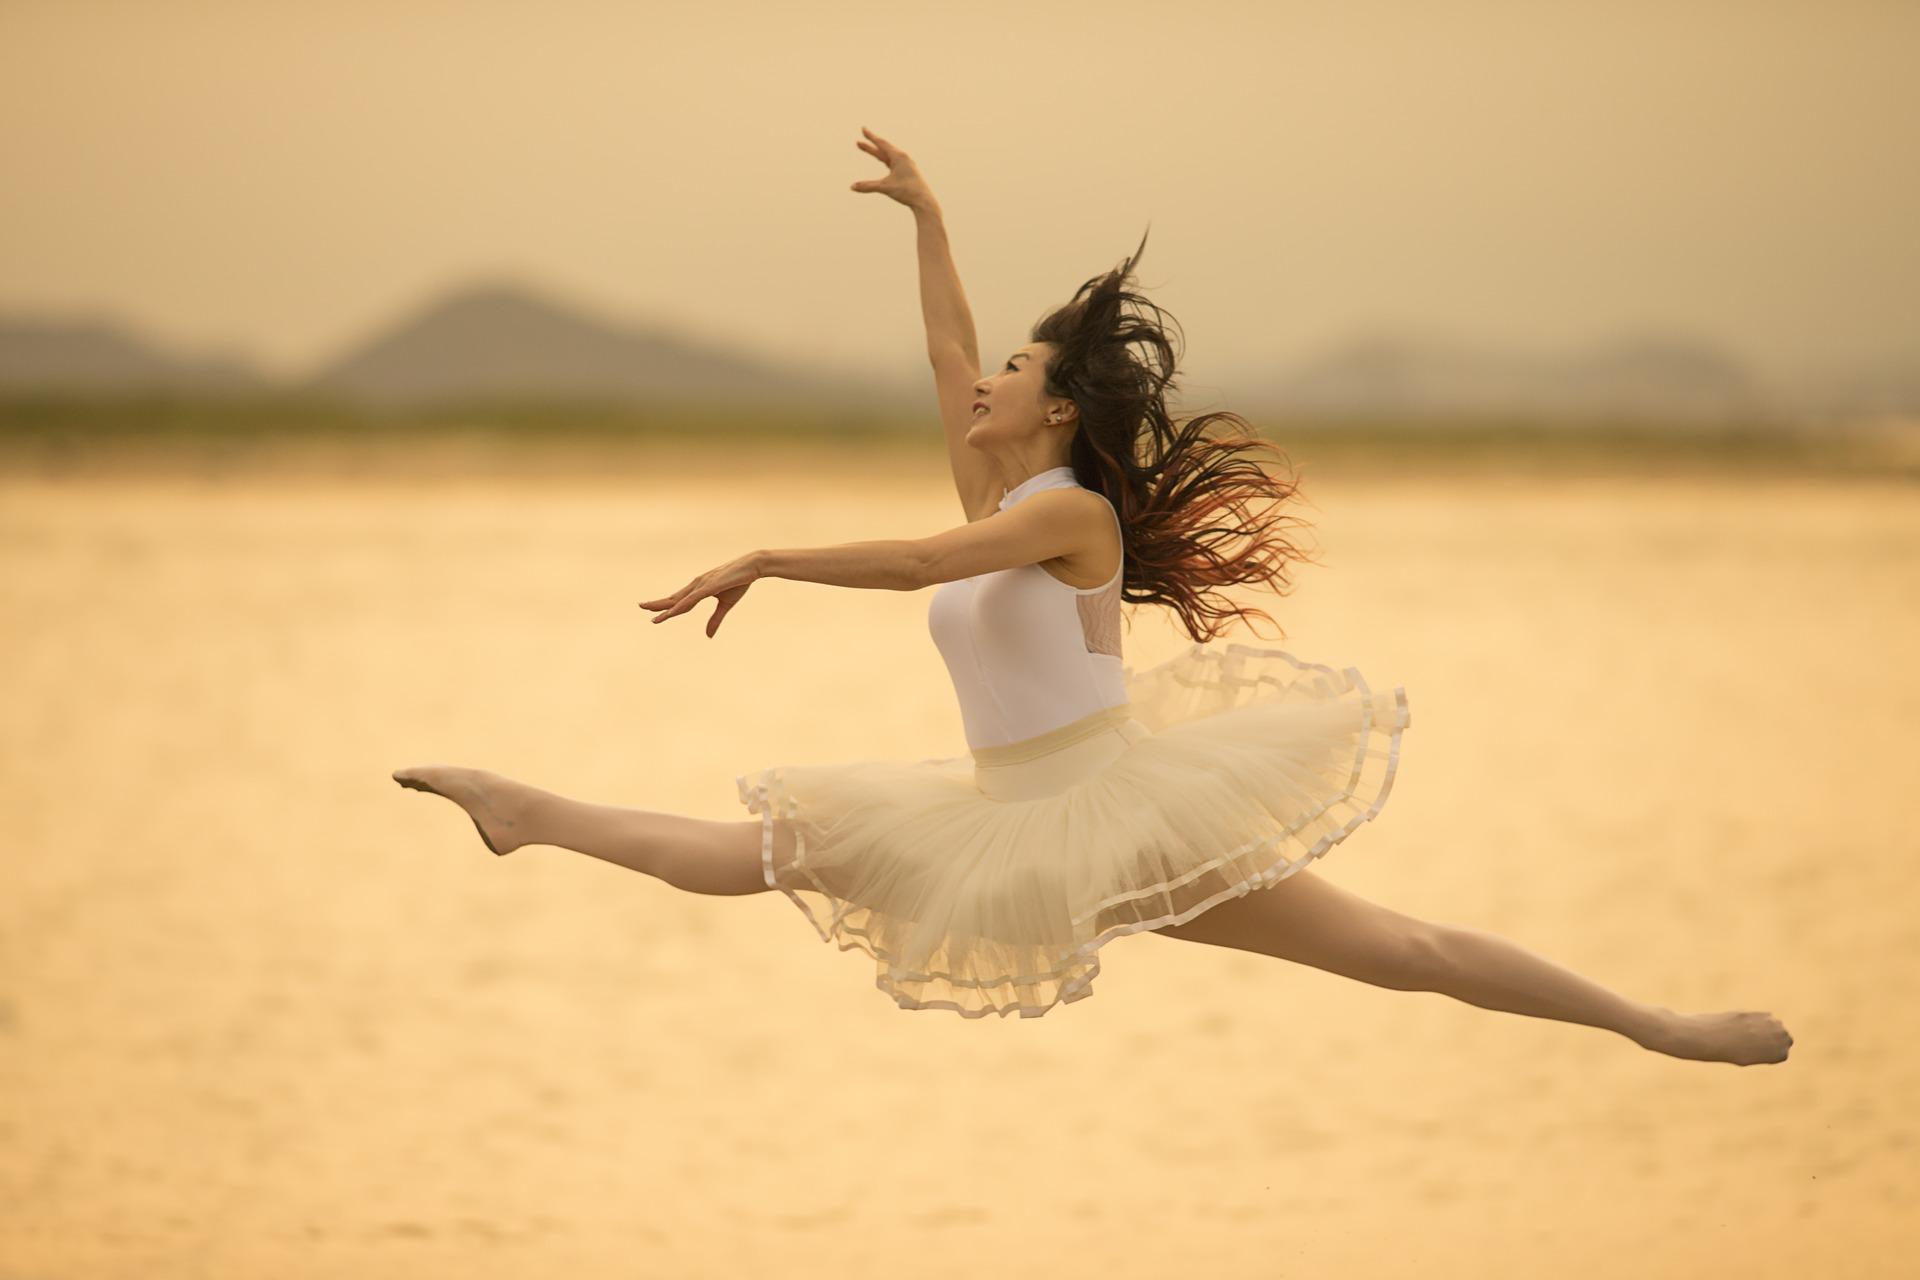 趣味でバレエは無理?大人がバレエを始める前に知っておきたい6つこと!